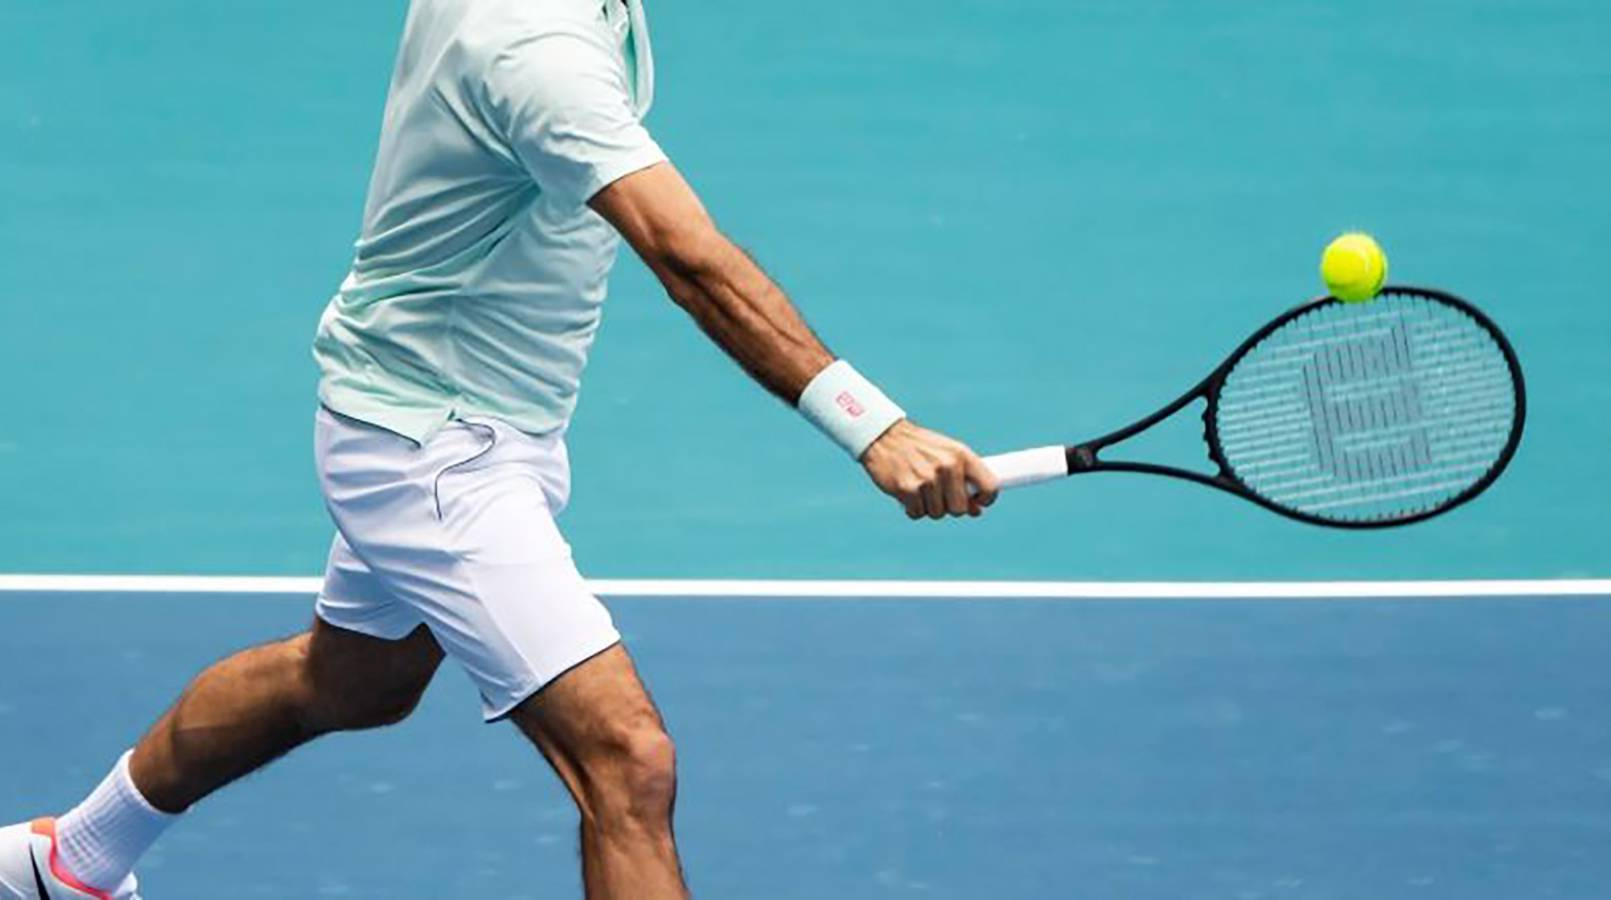 Miami Open Tennis Session 3 - Grandstand